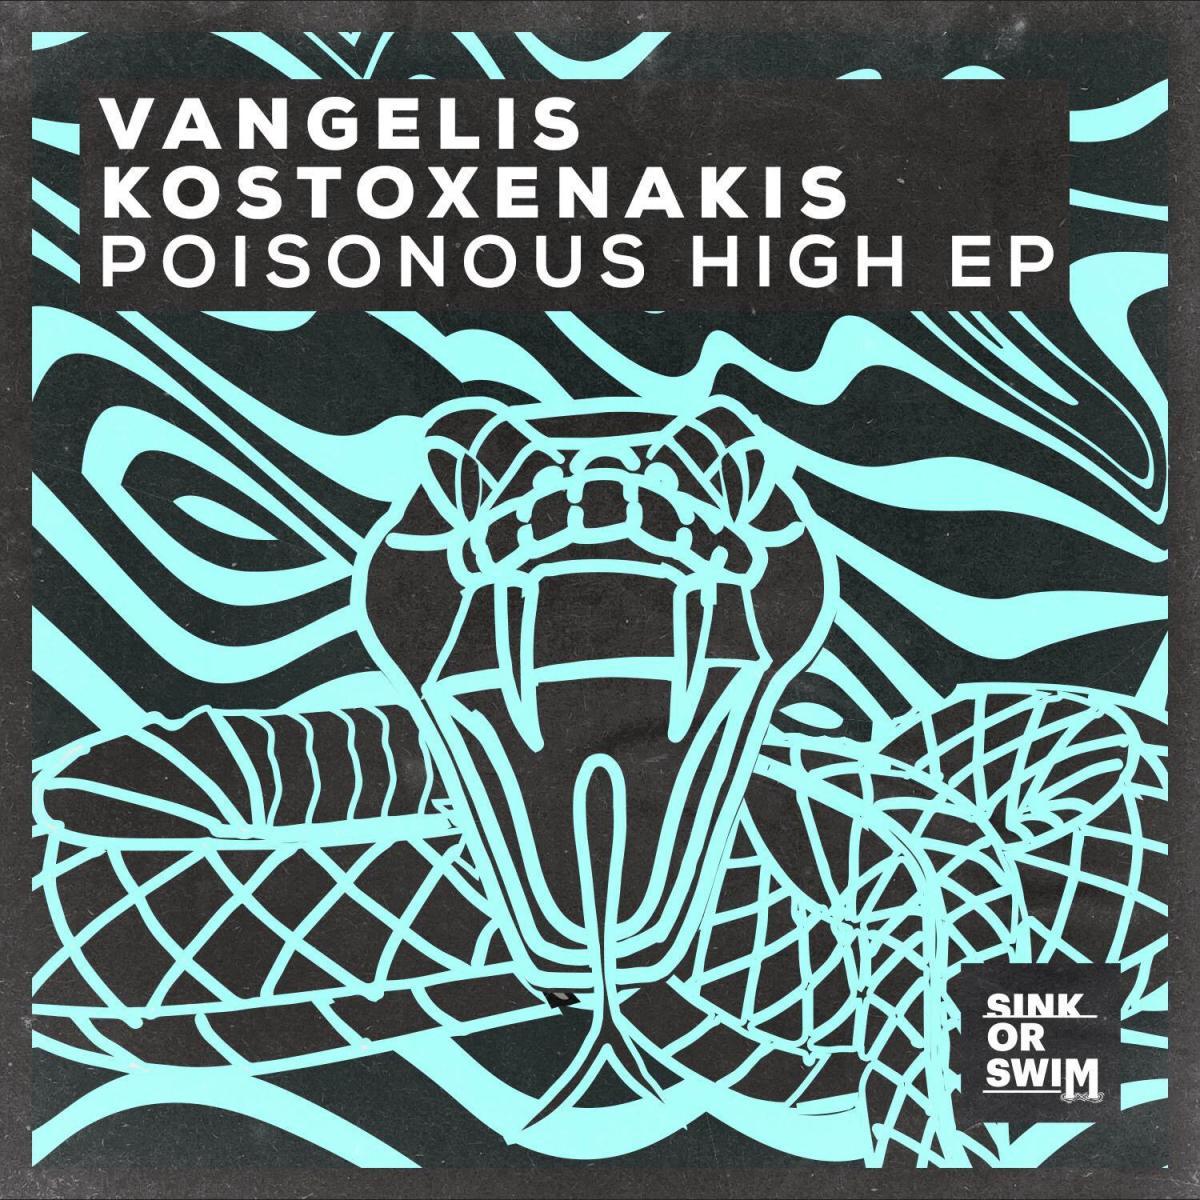 Vangelis Kostoxenakis -  Poisonous High EP